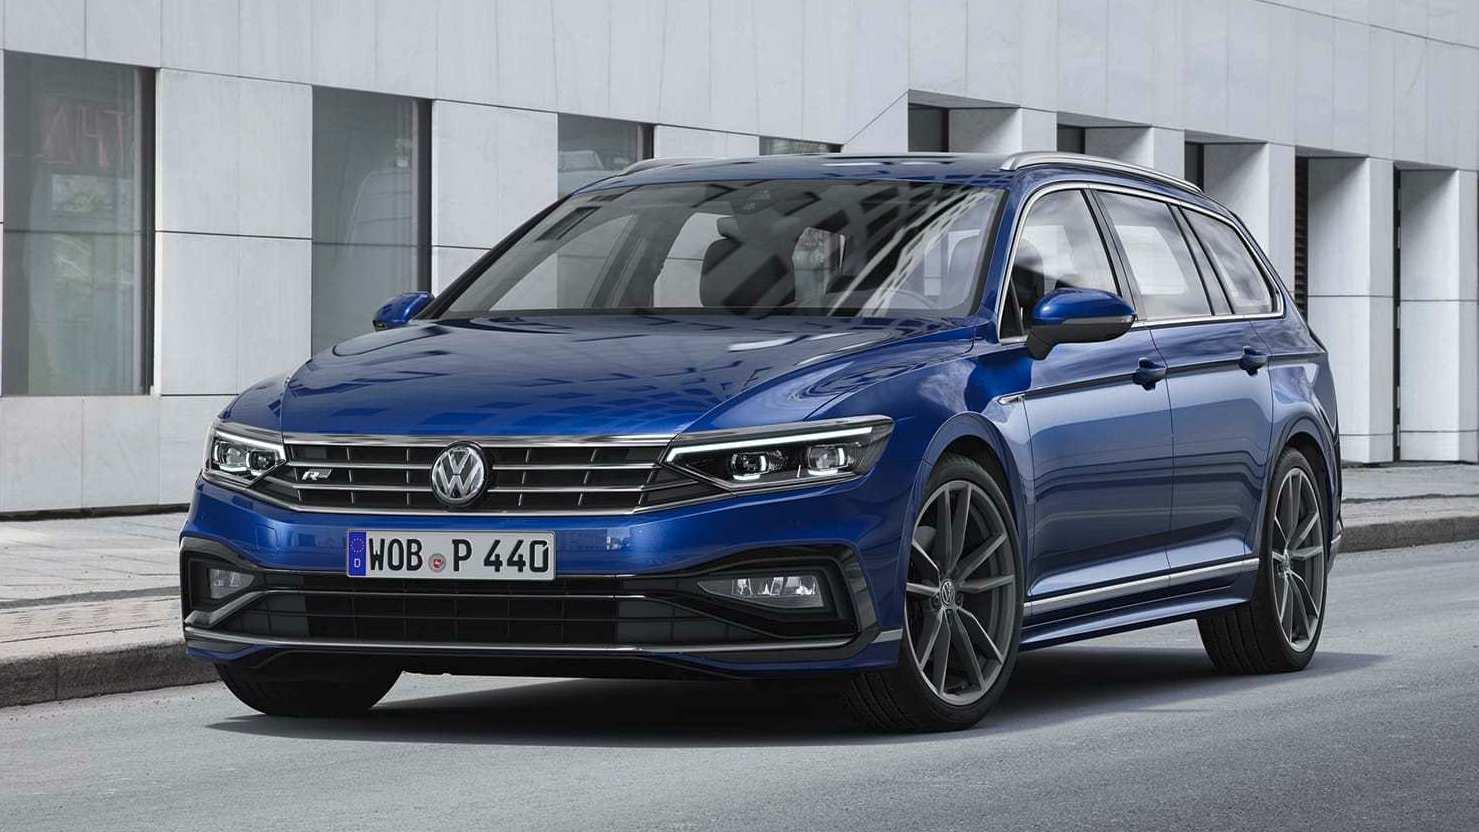 75 The Volkswagen Passat Alltrack 2020 Release Date by Volkswagen Passat Alltrack 2020